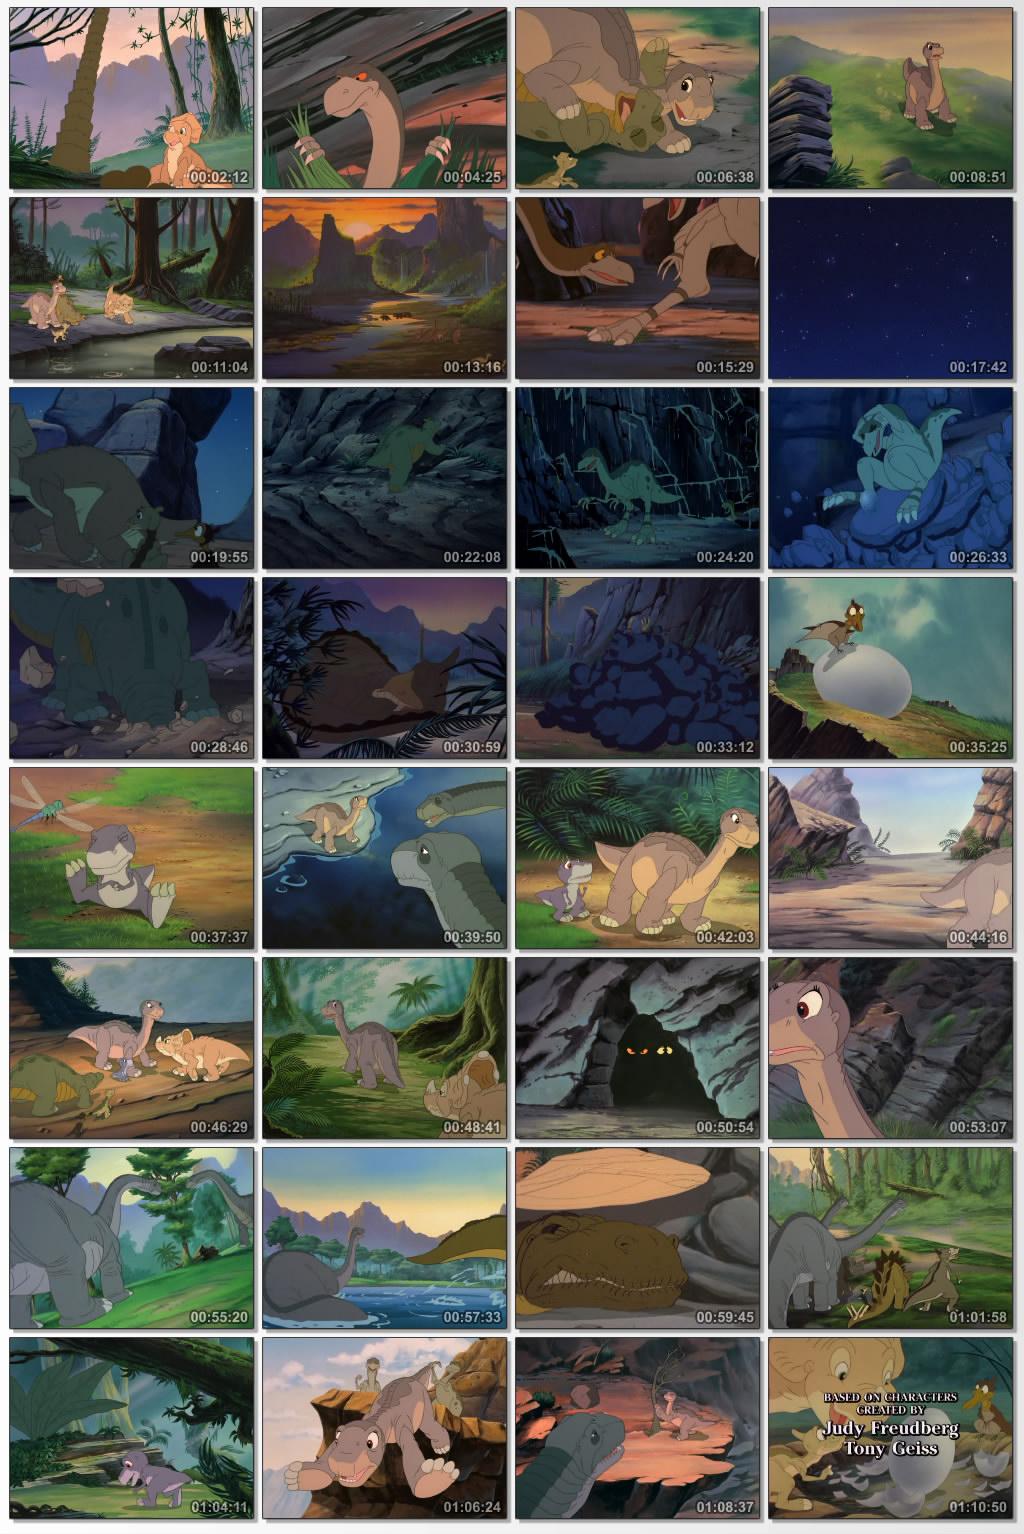 دانلود انیمیشن کارتونی The Land Before Time II 1994